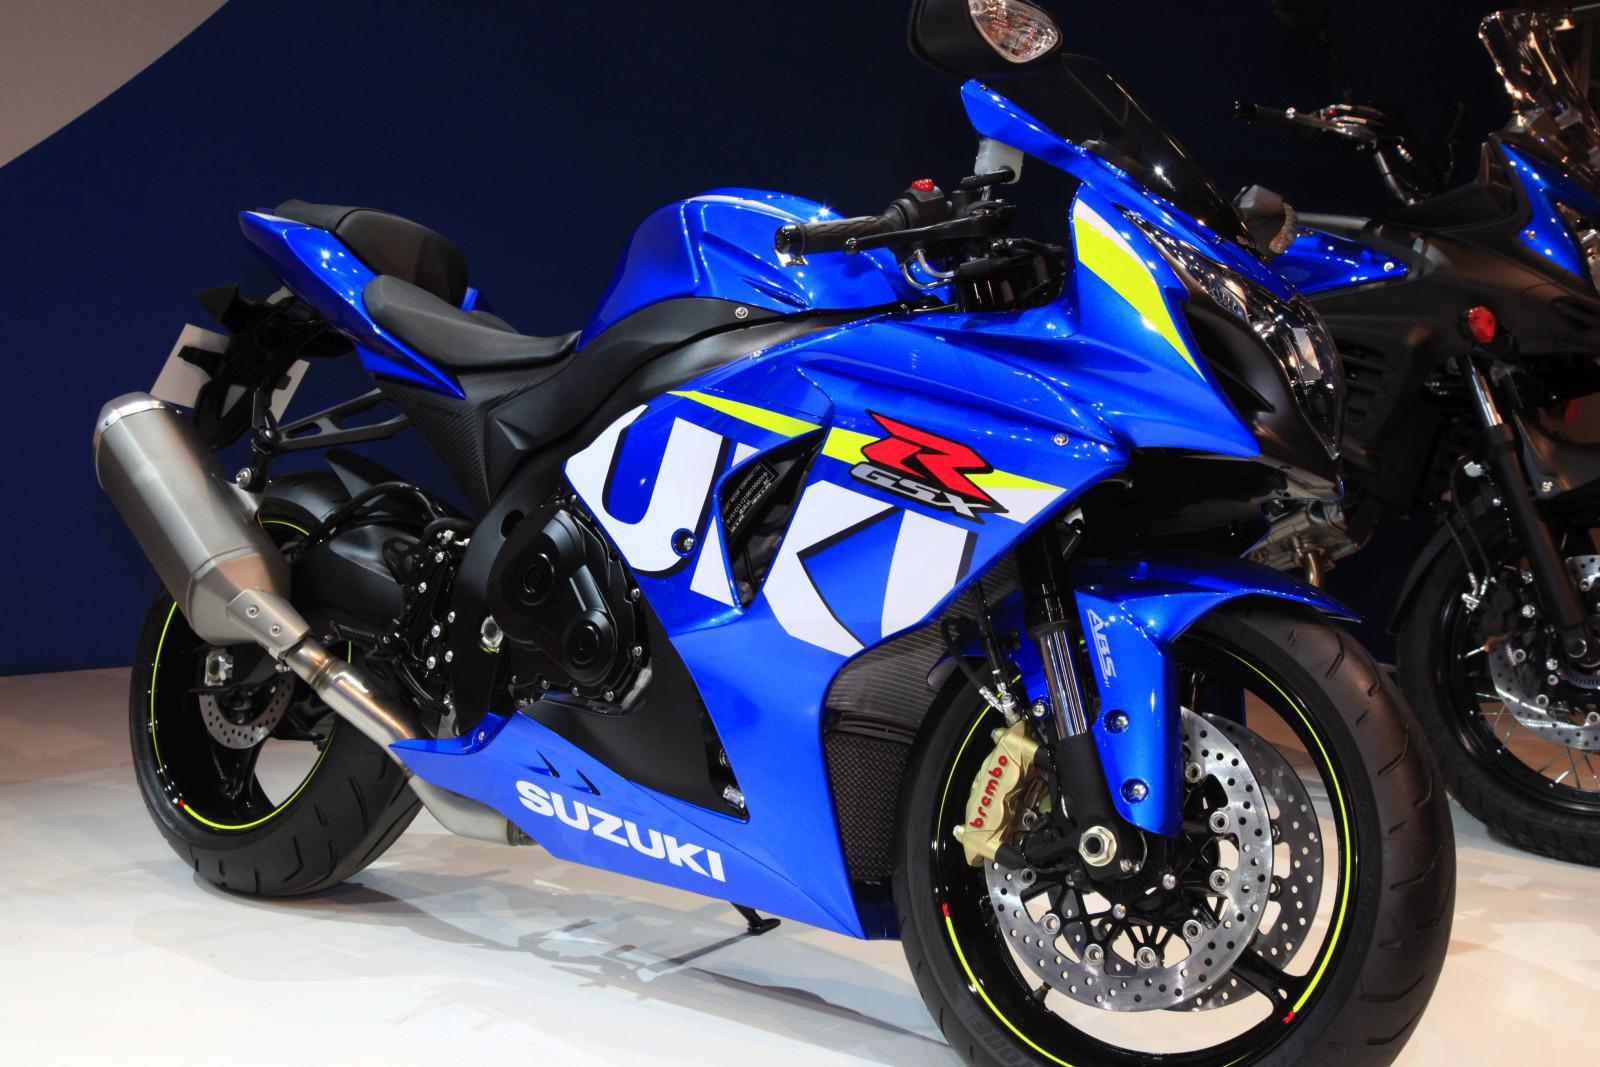 Suzuki gsx r1000 modell 2015 bild 1